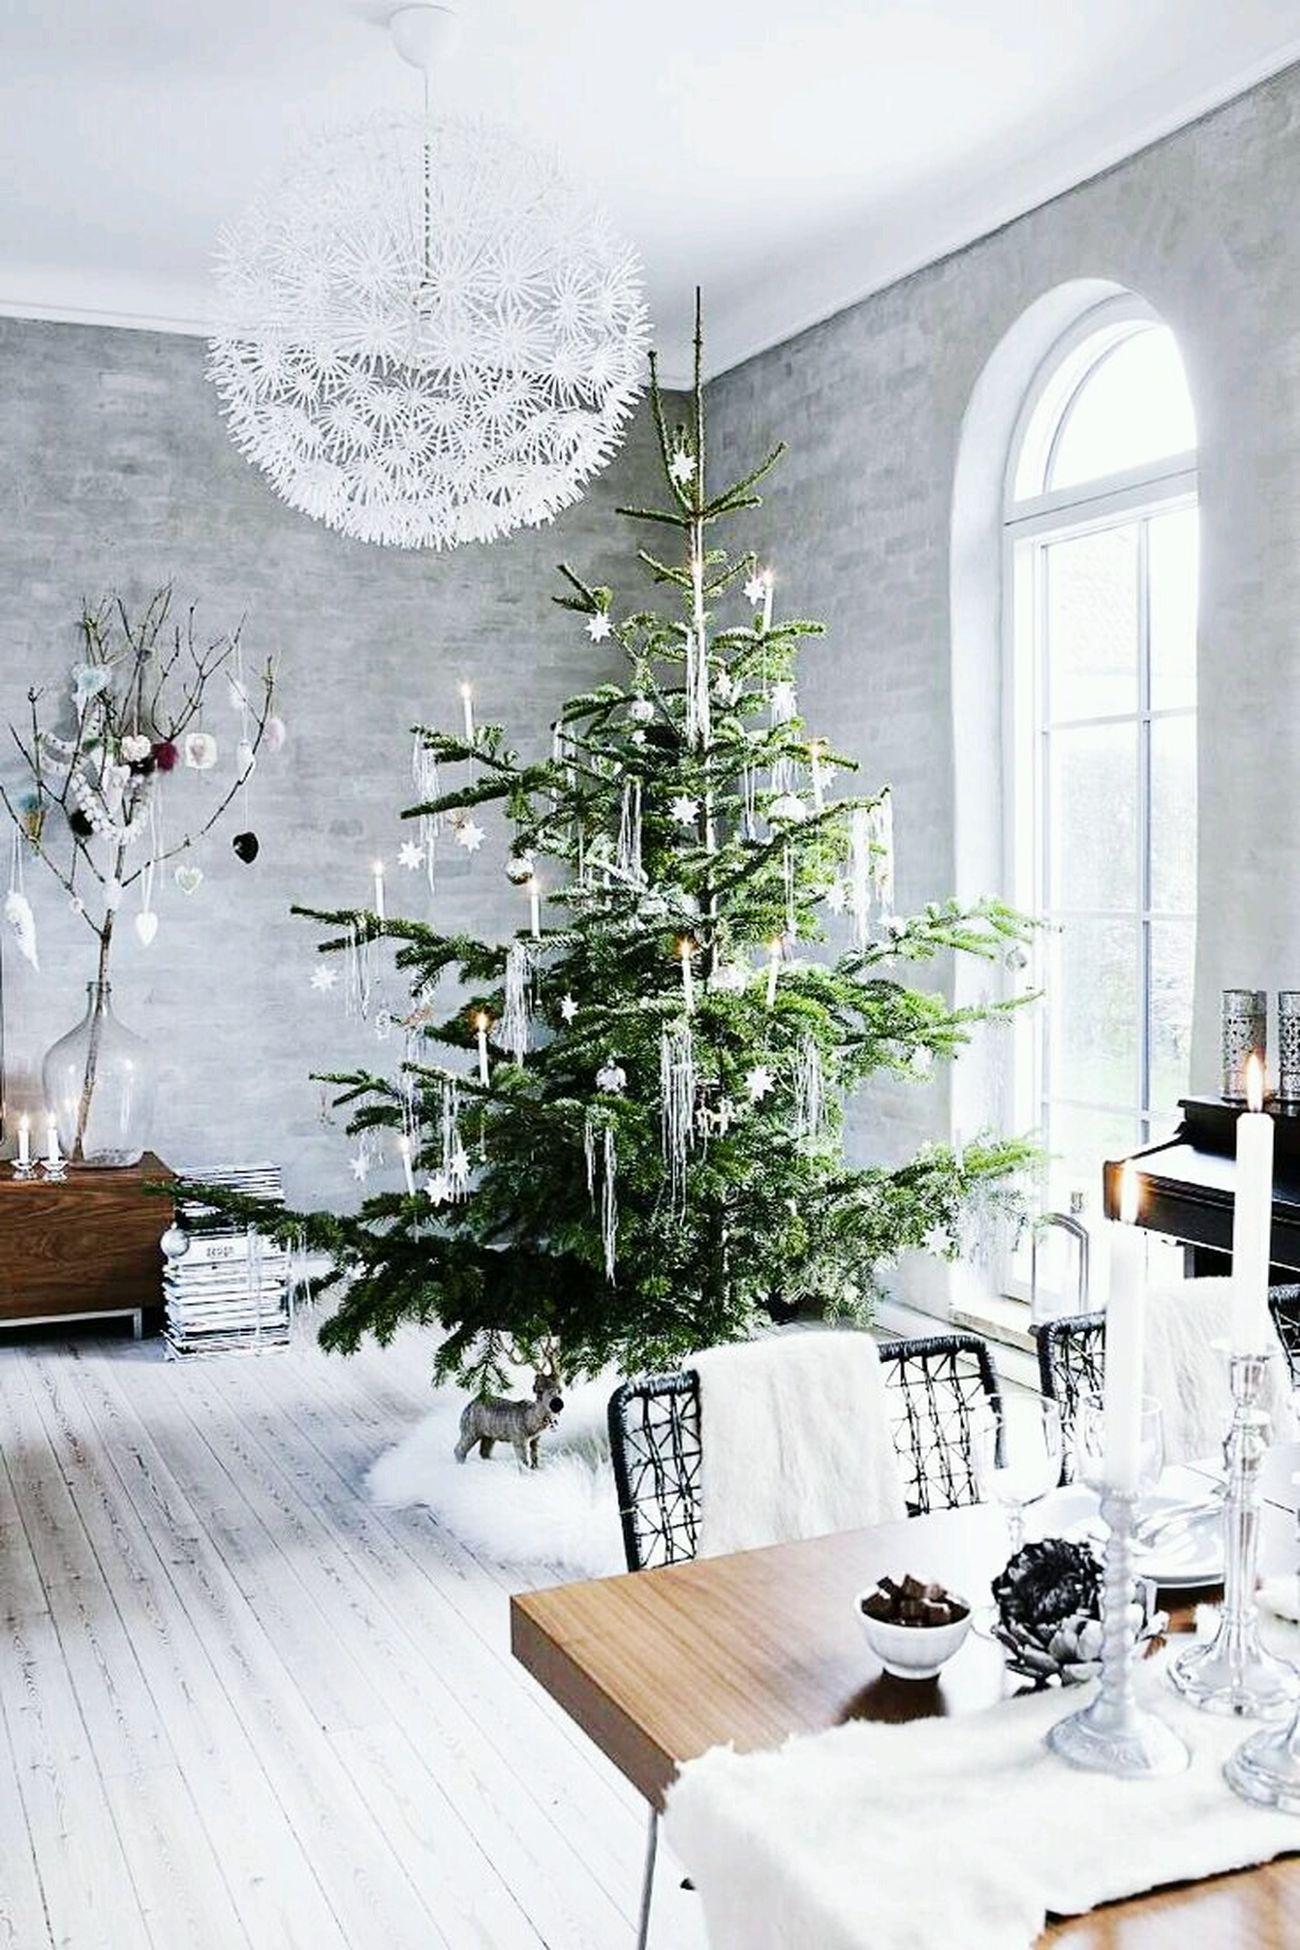 Merry chrismas?? Merry Christmas! Merry Xmas! Christmas MerryChristmas Chrismastime